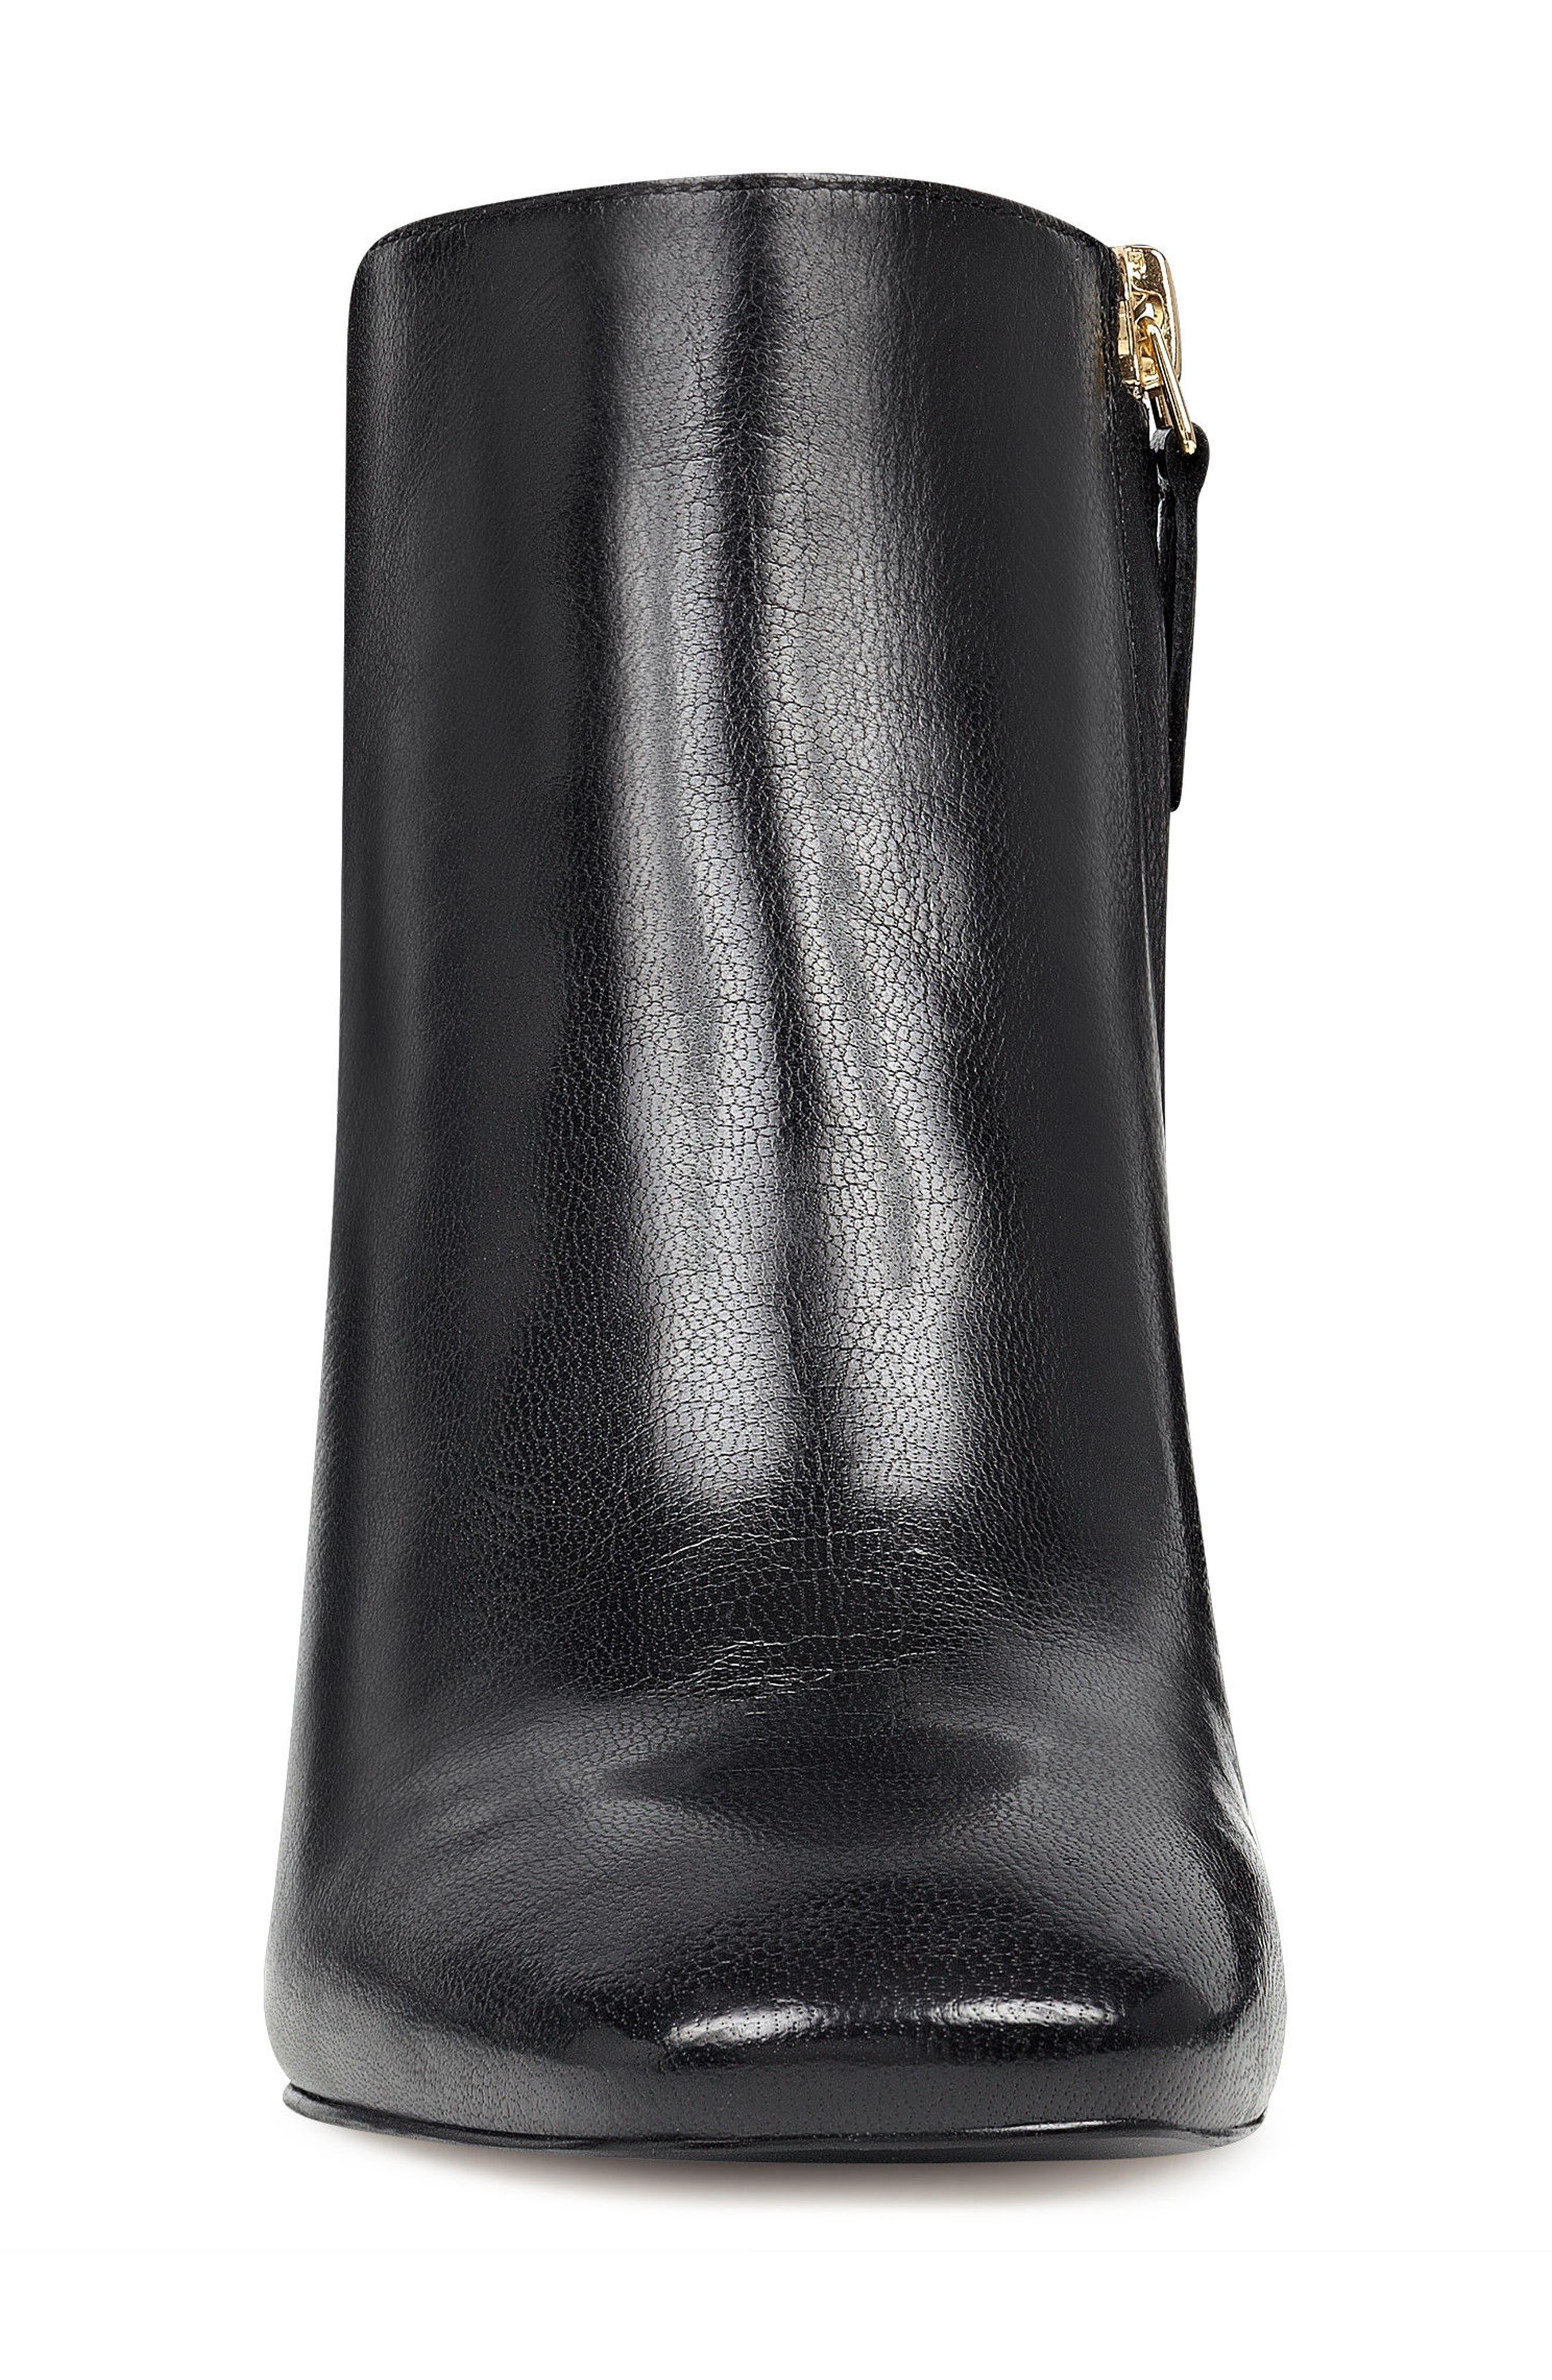 Xtravert Bootie,                             Alternate thumbnail 4, color,                             Black Leather